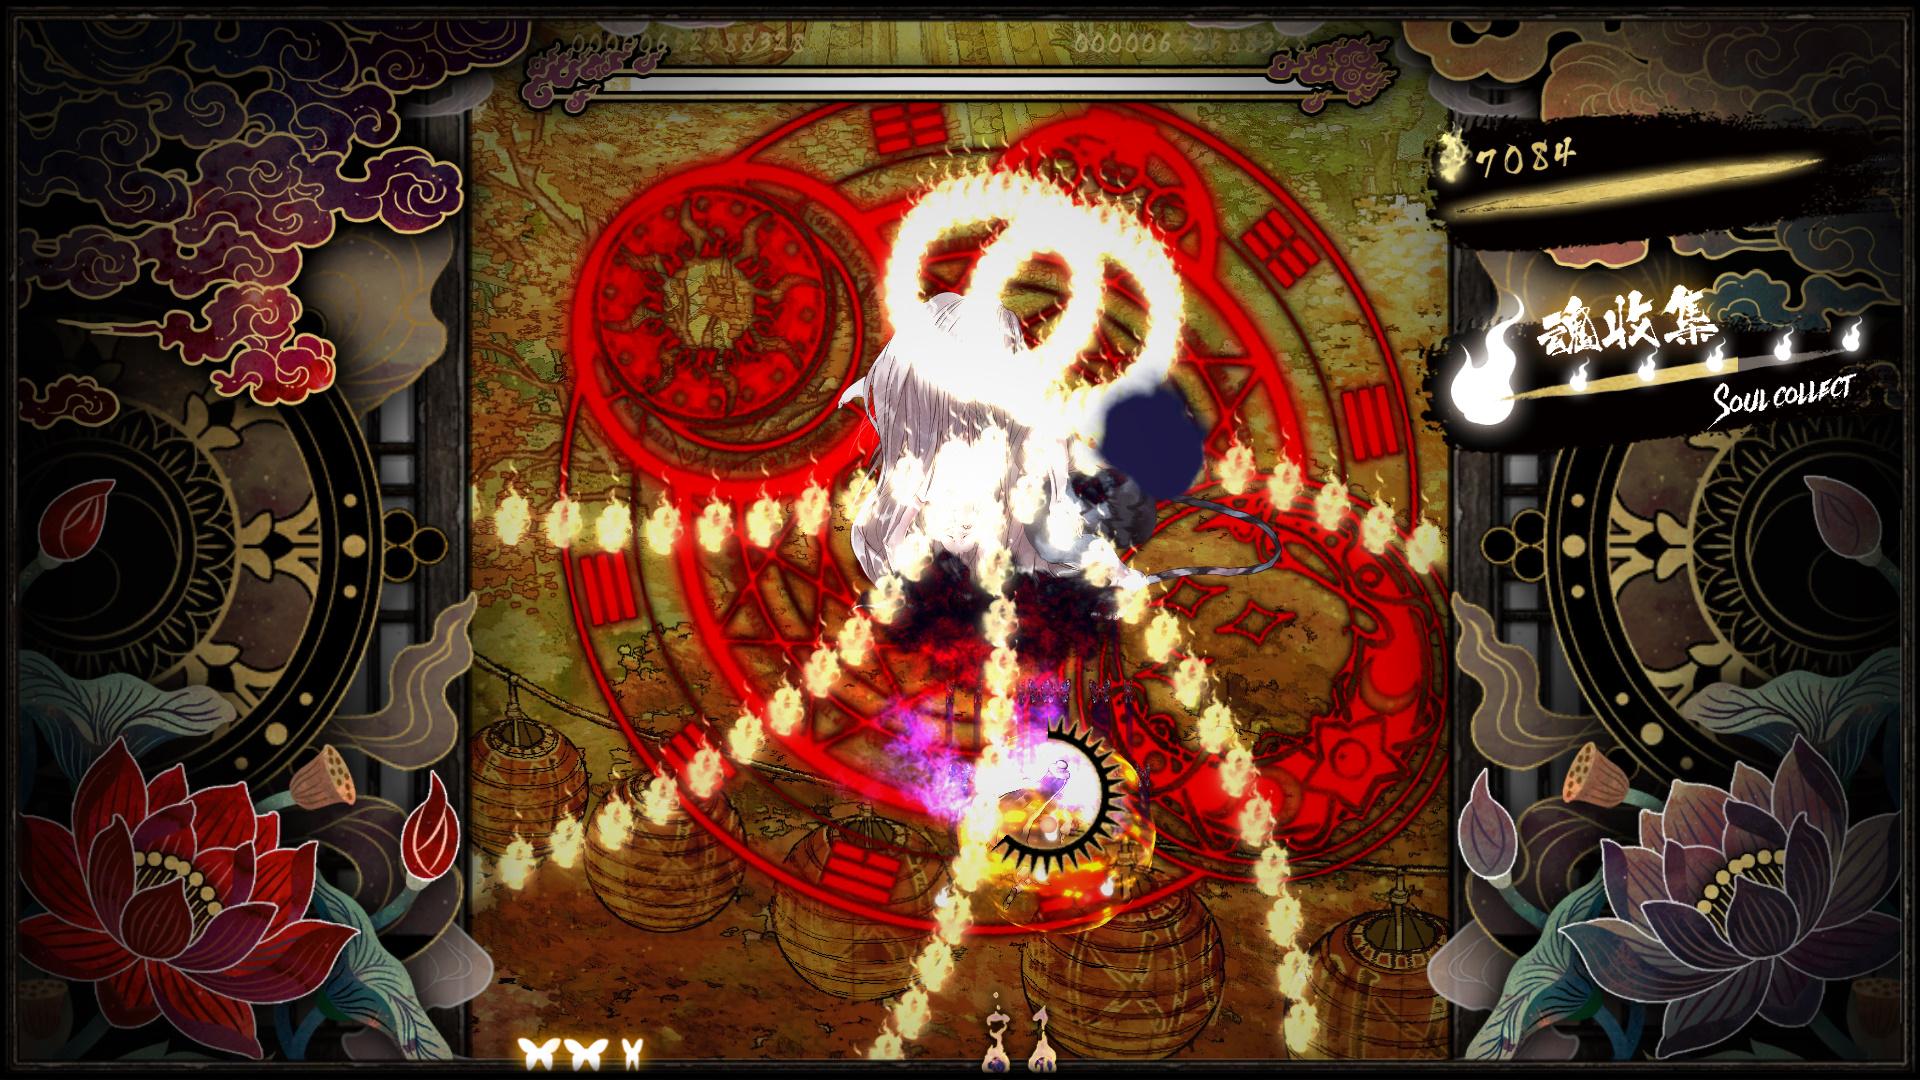 Shikhondo - Soul Eater review